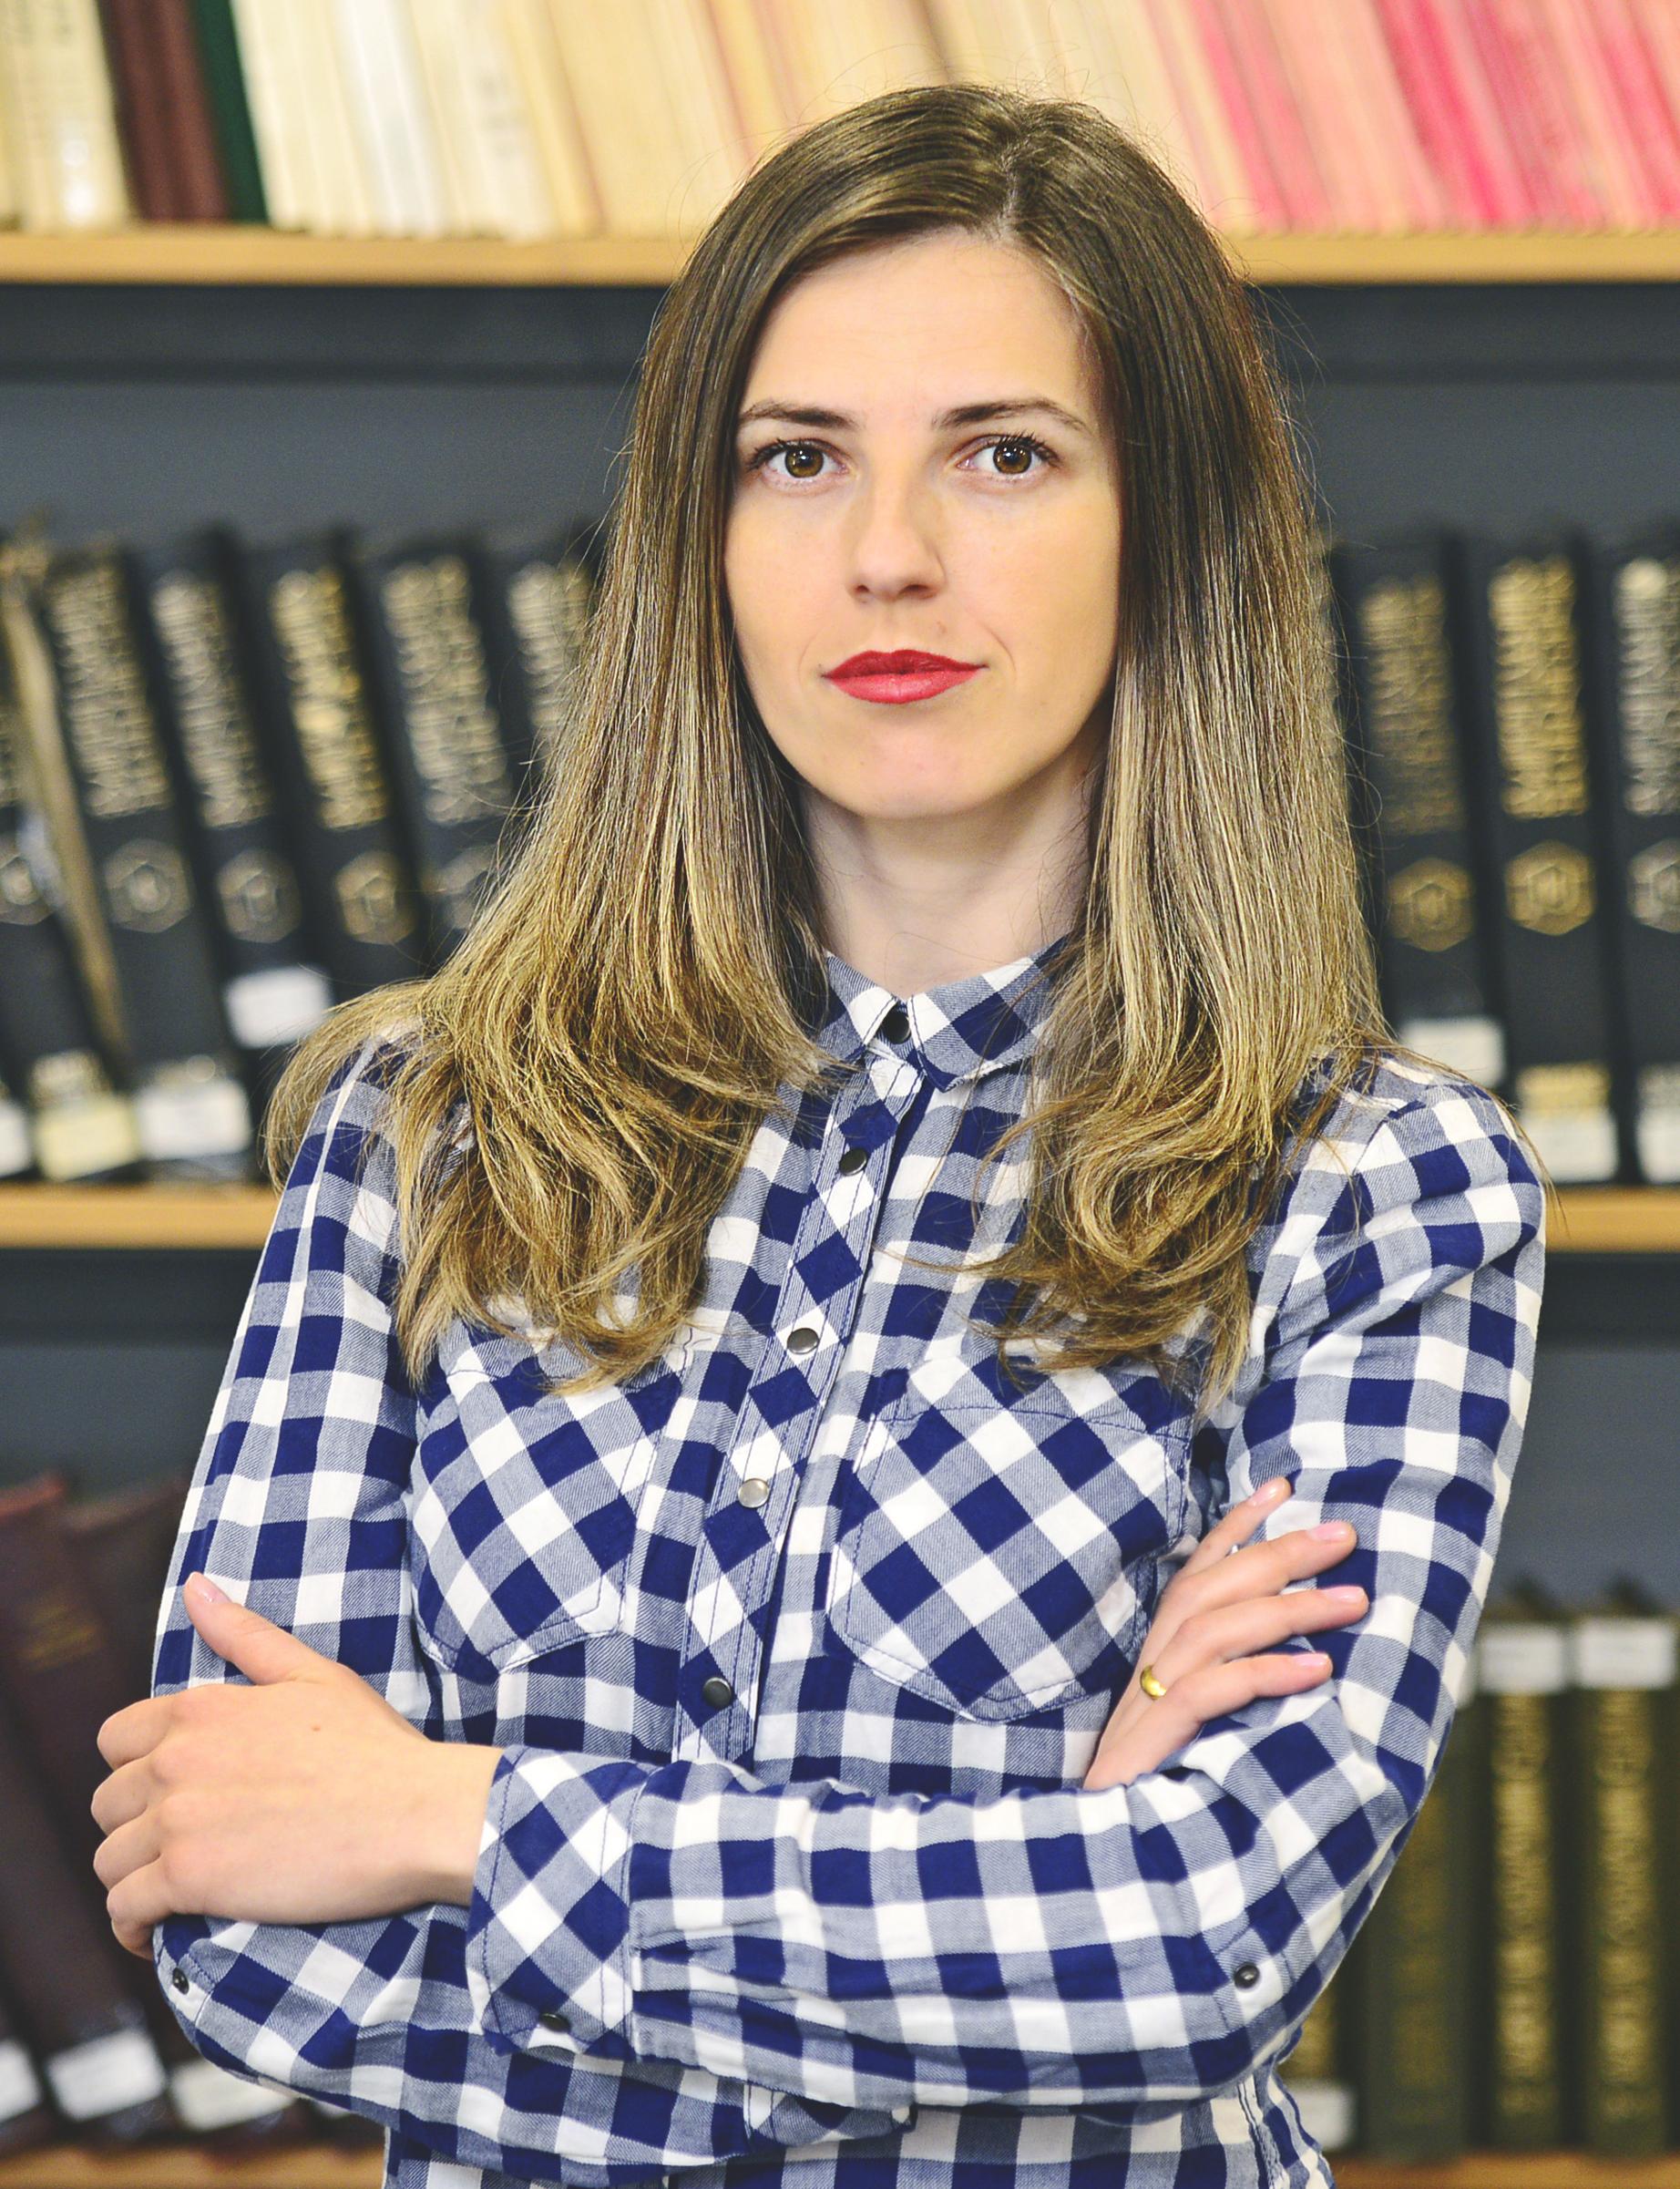 უფროსი სპეციალისტი – ბელა ბერძენიშვილი  bela.berdzenishvili@iliauni.edu.ge